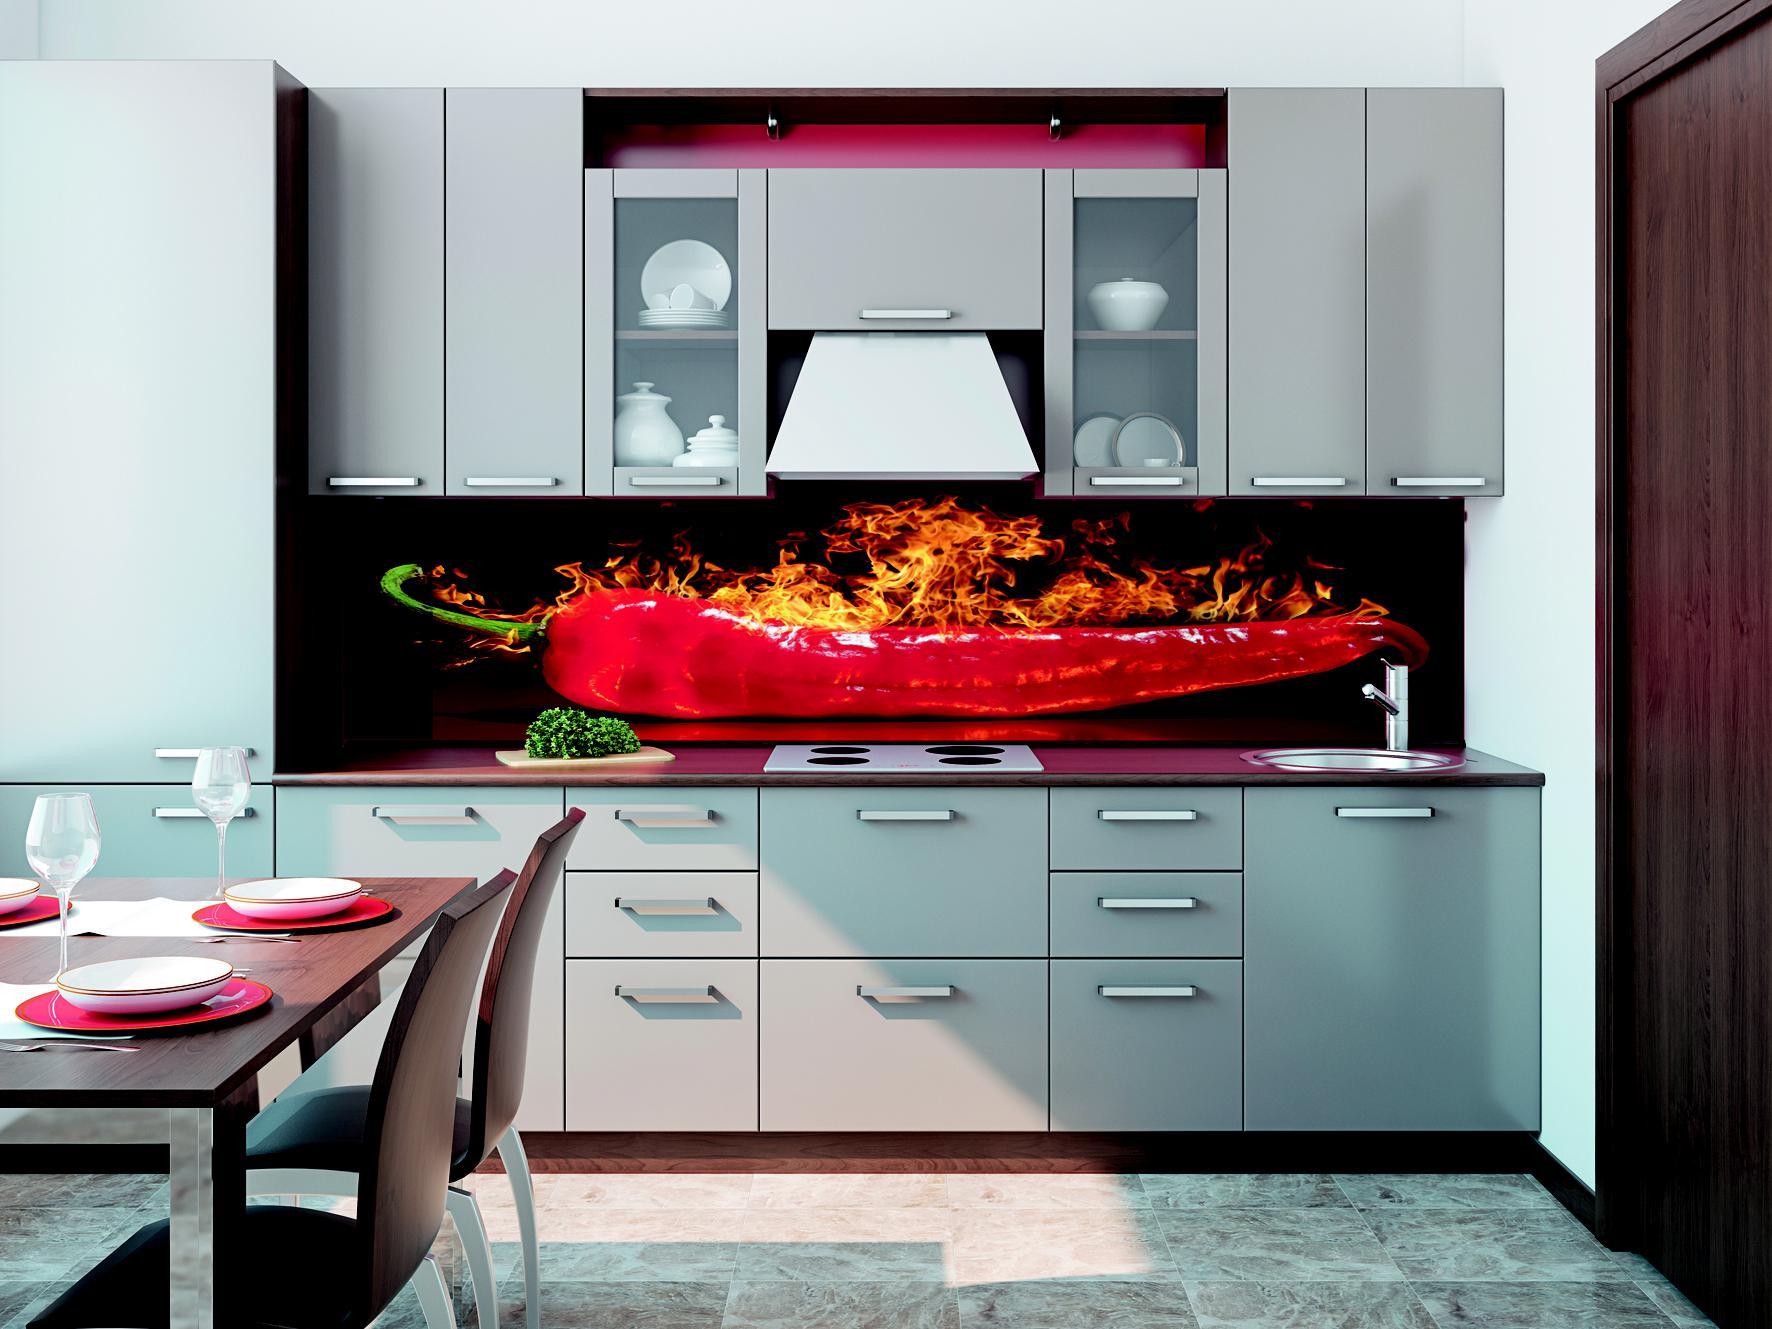 anleitung fachgerechte befestigung k chenr ckwand frag mutti. Black Bedroom Furniture Sets. Home Design Ideas